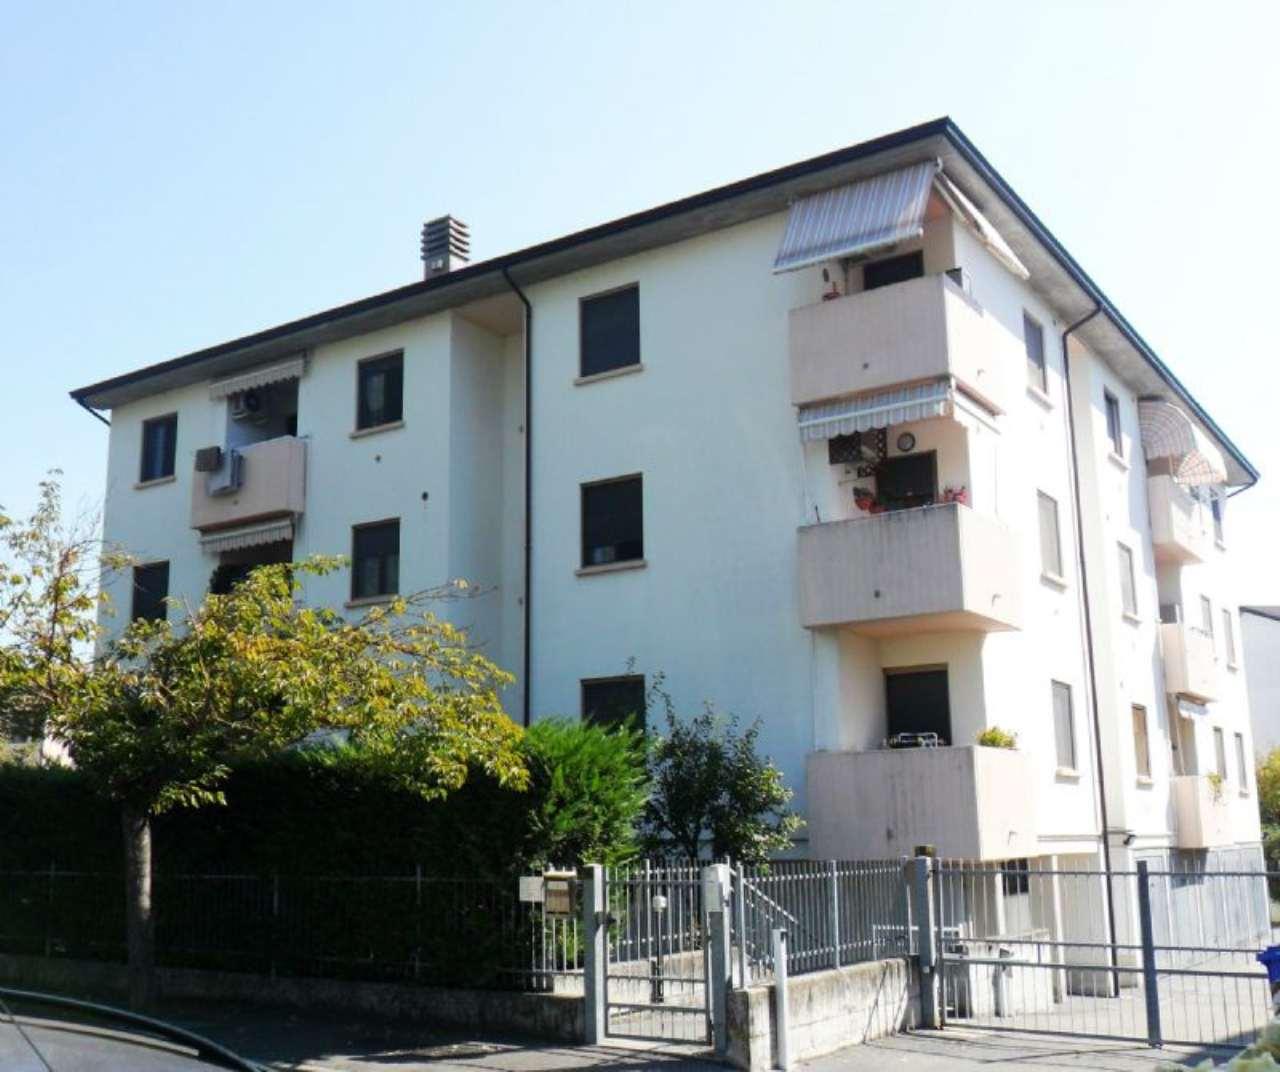 Appartamento in vendita a Fontevivo, 3 locali, prezzo € 100.000 | Cambio Casa.it